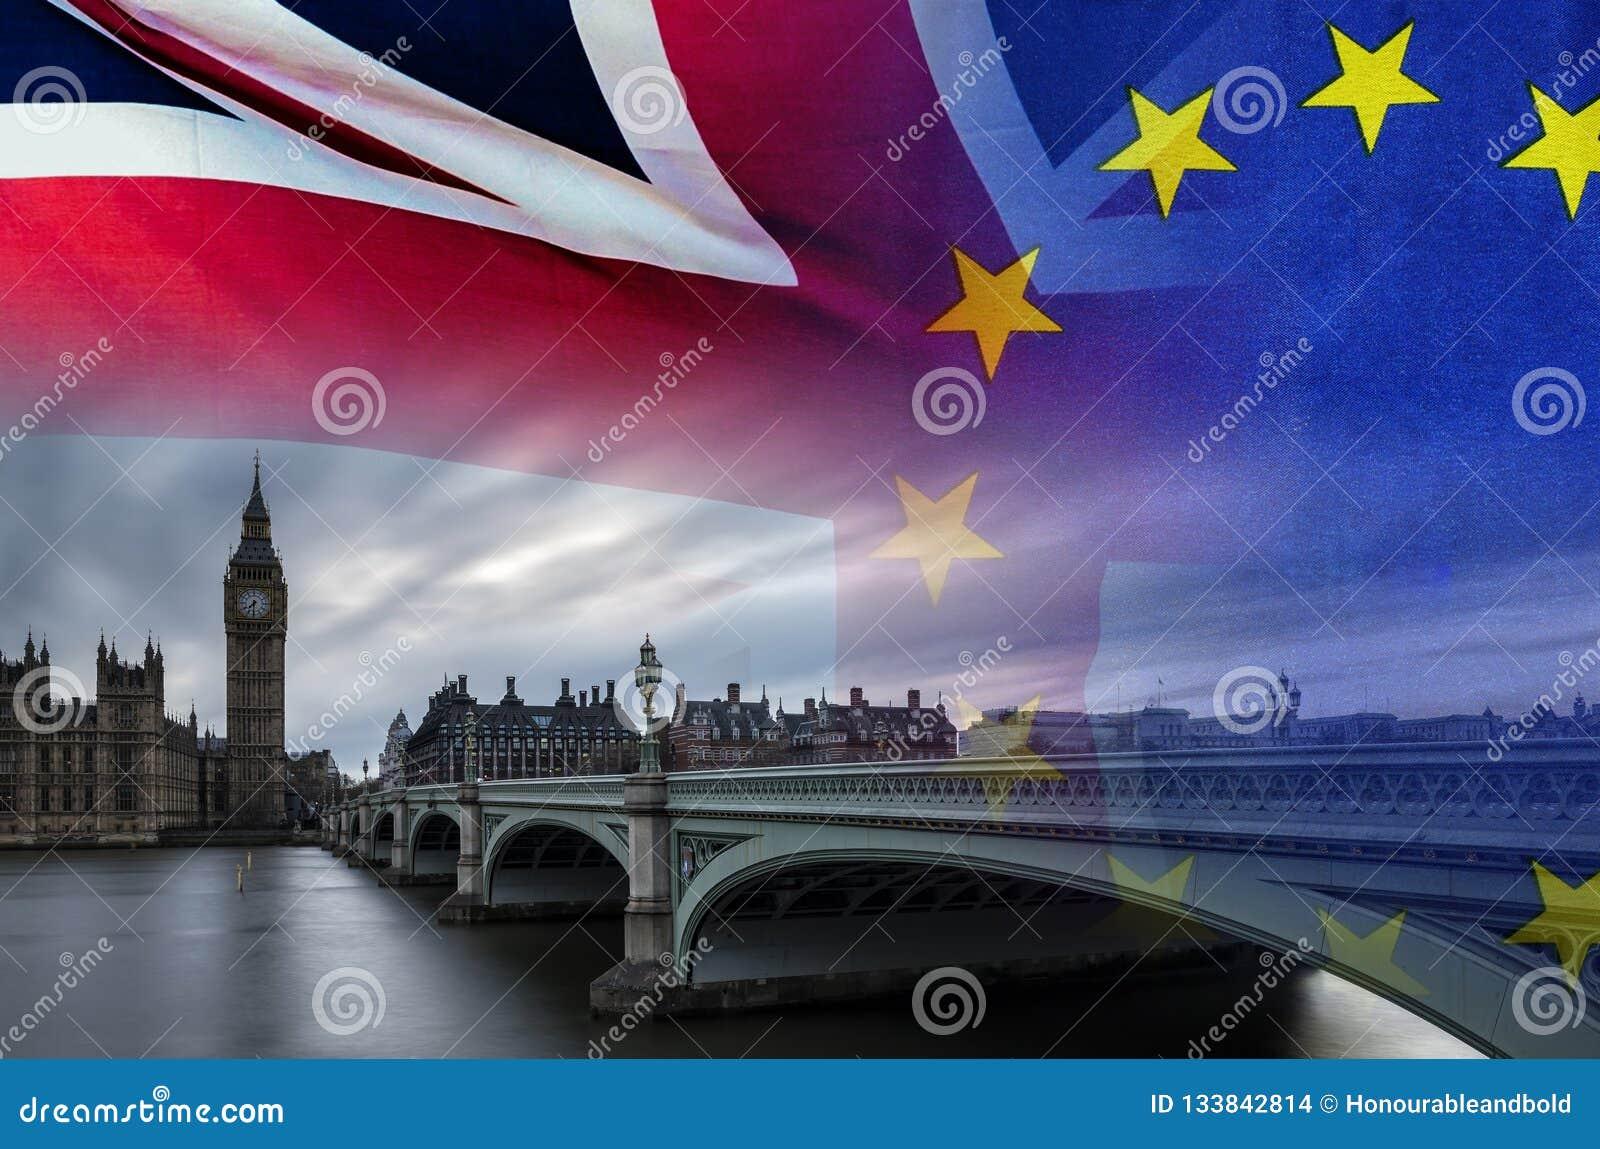 Imagem conceptual de BREXIT do ove da imagem de Londres e das bandeiras do Reino Unido e da UE